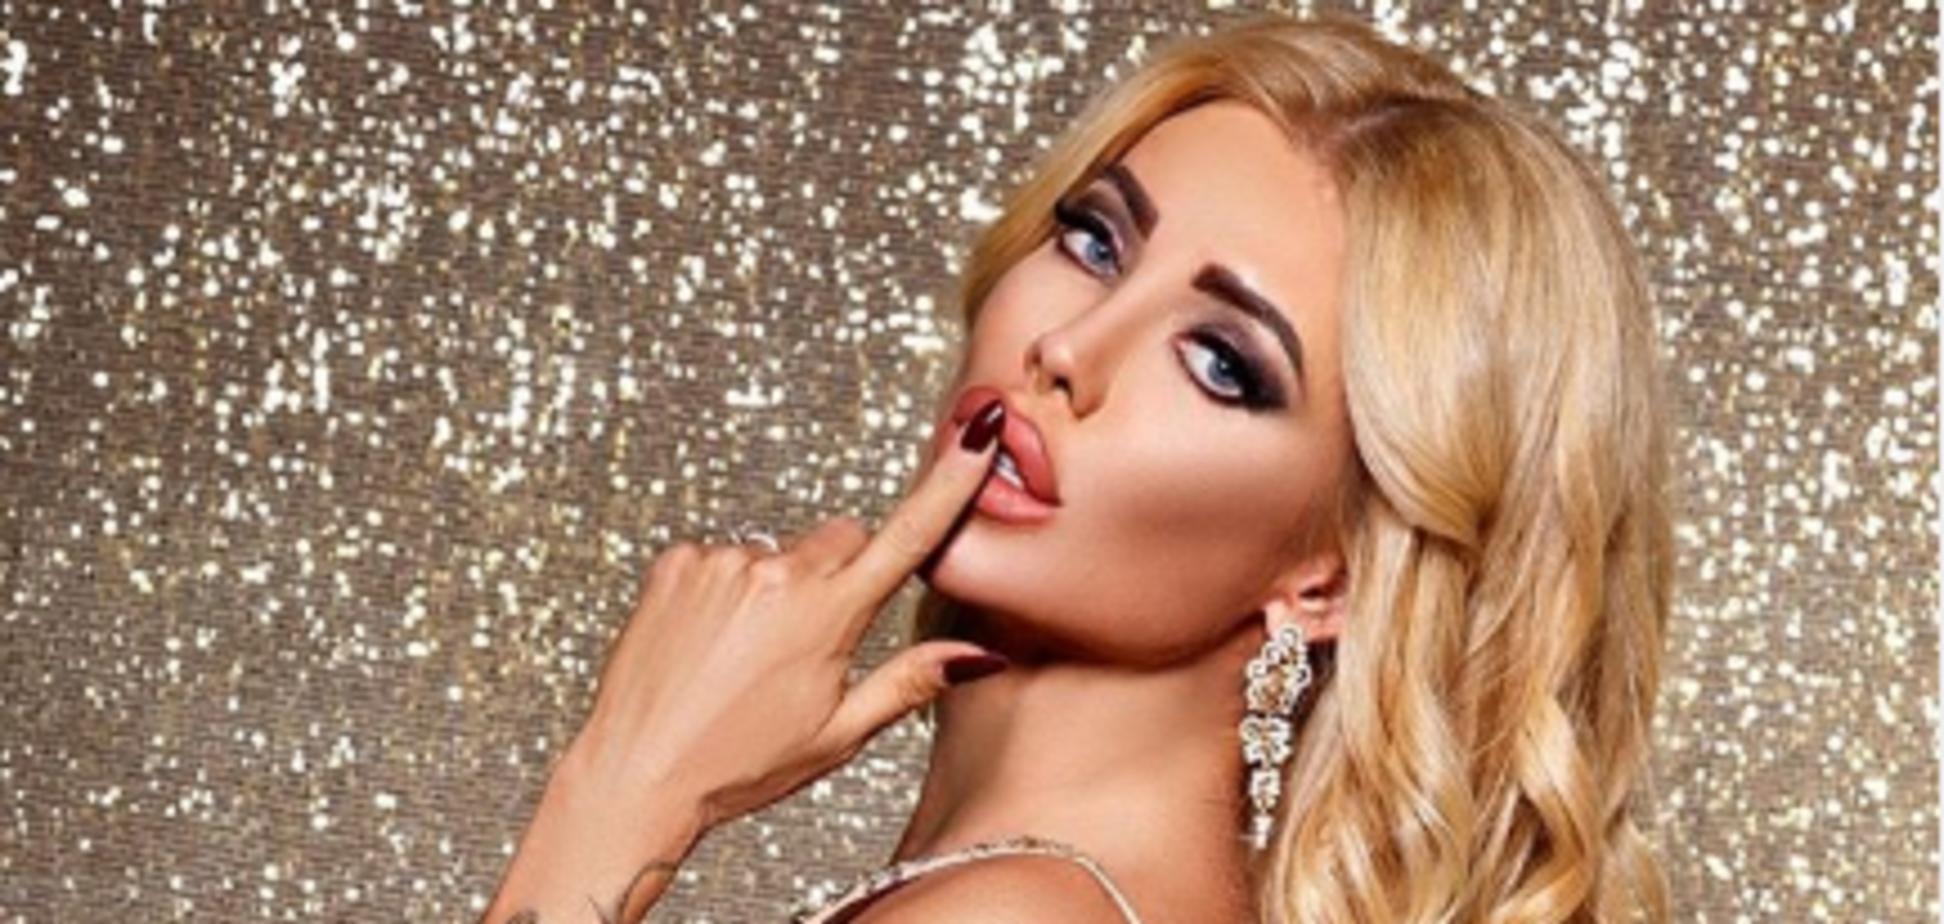 'Скільки сексу!' Абсолютно гола українська телезірка вразила відвертим фото